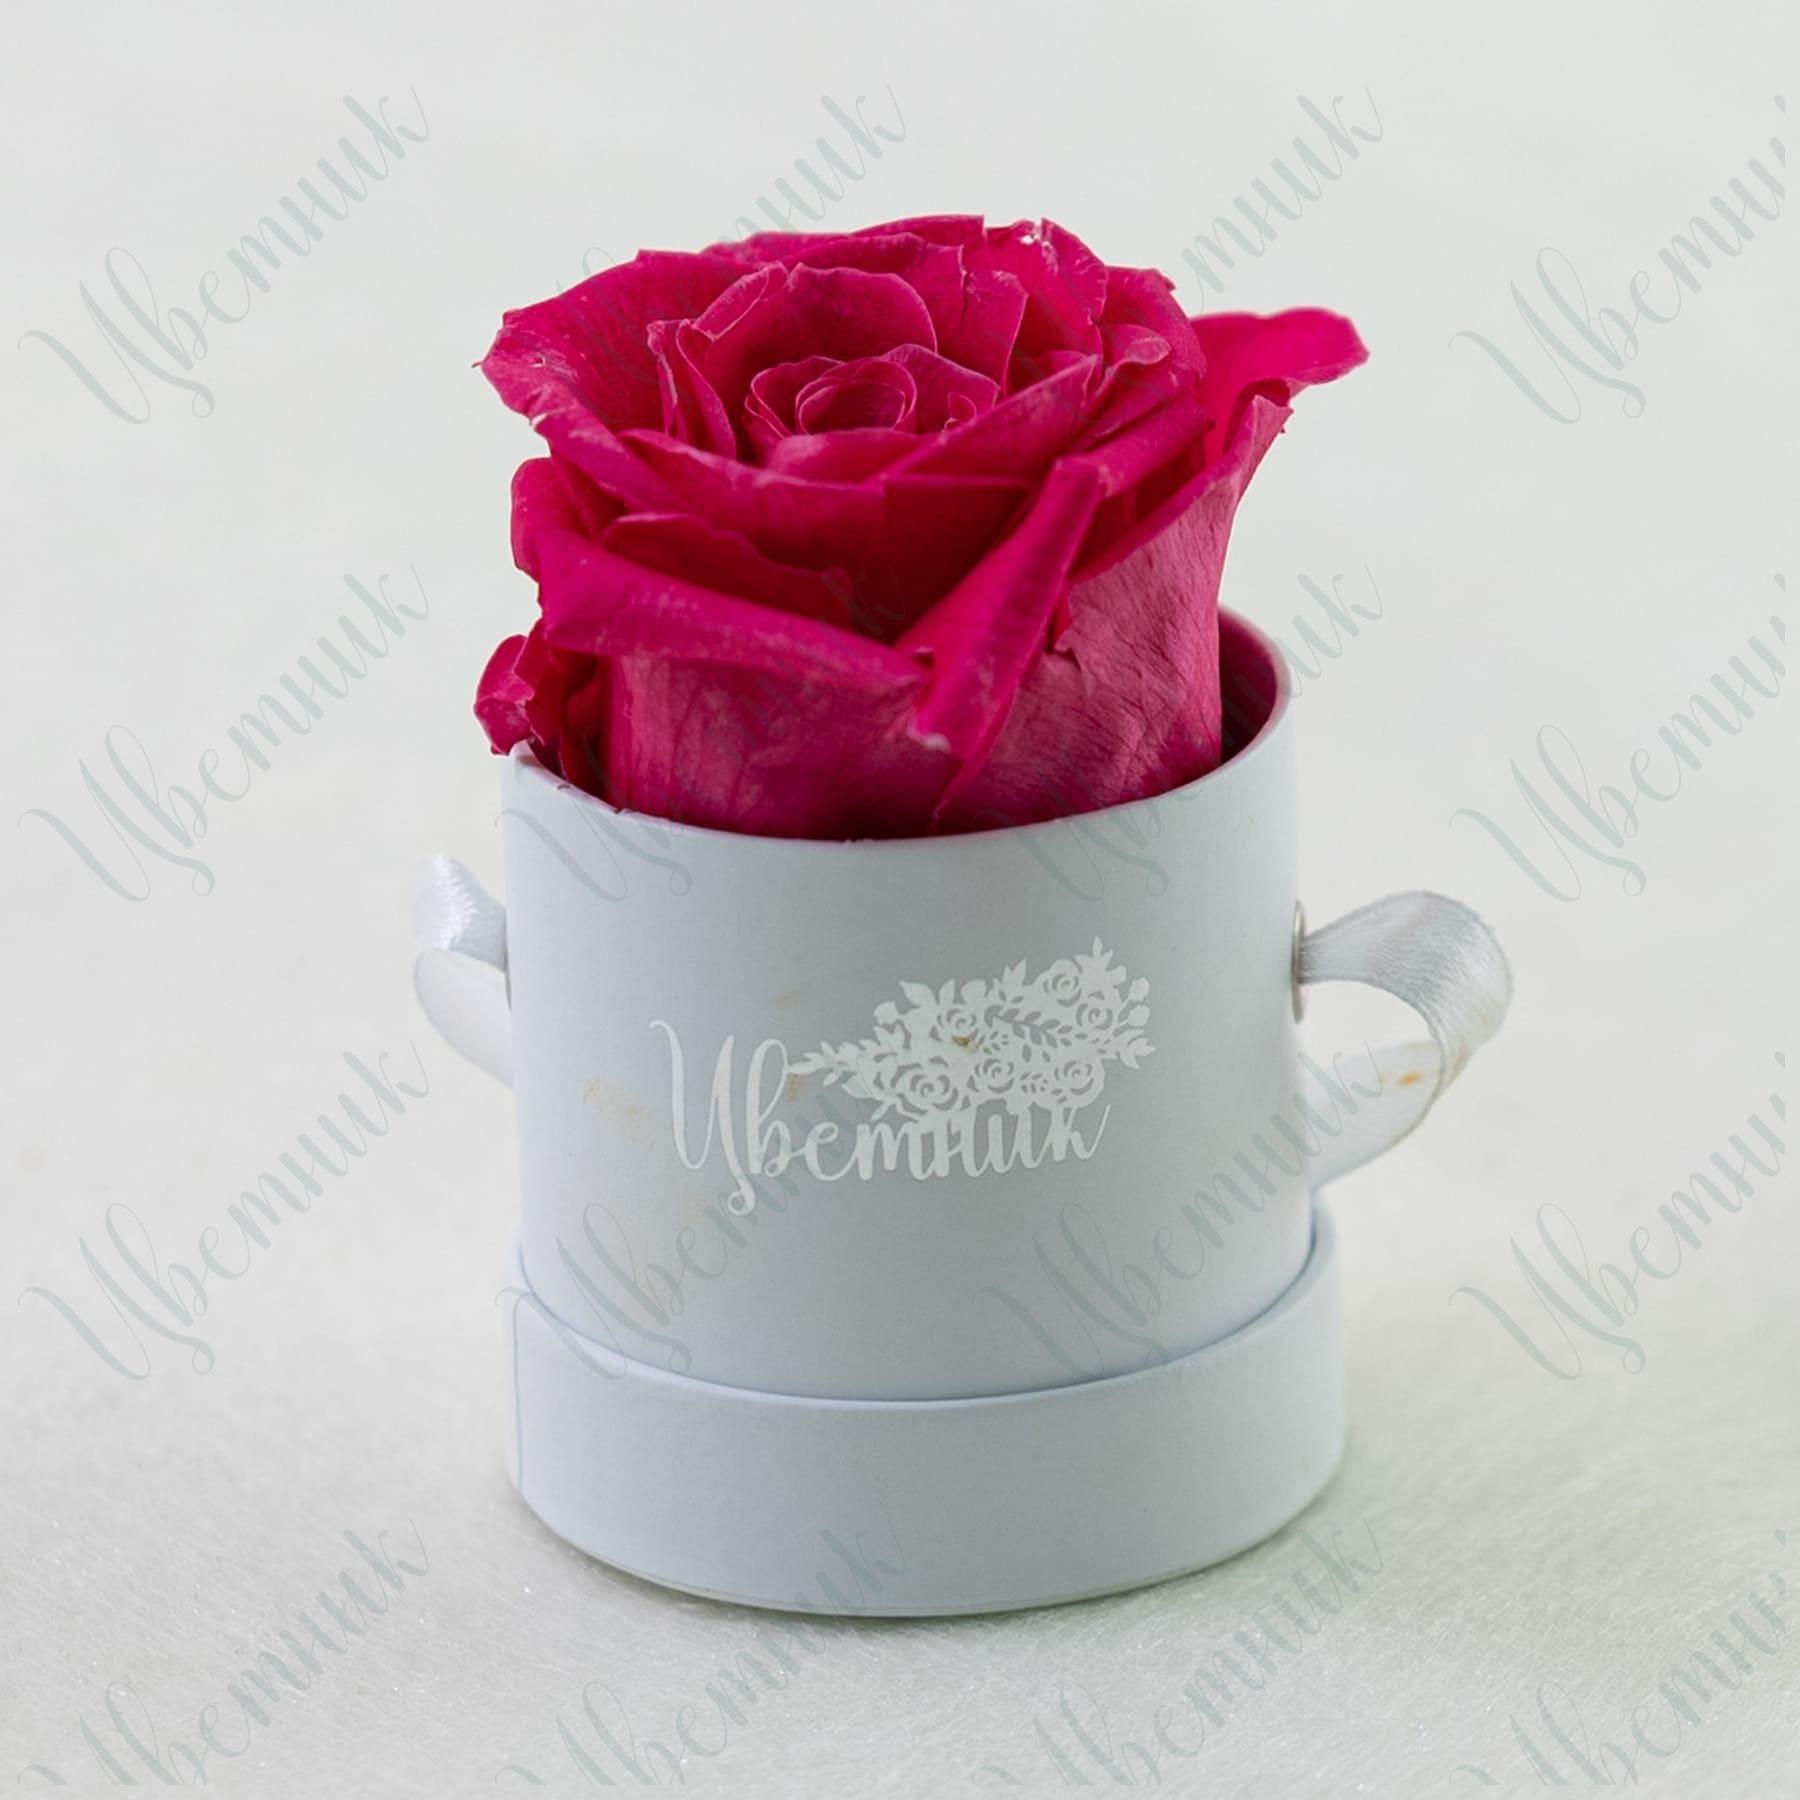 Стабилизированная розовая роза в круглой коробке 1 шт.